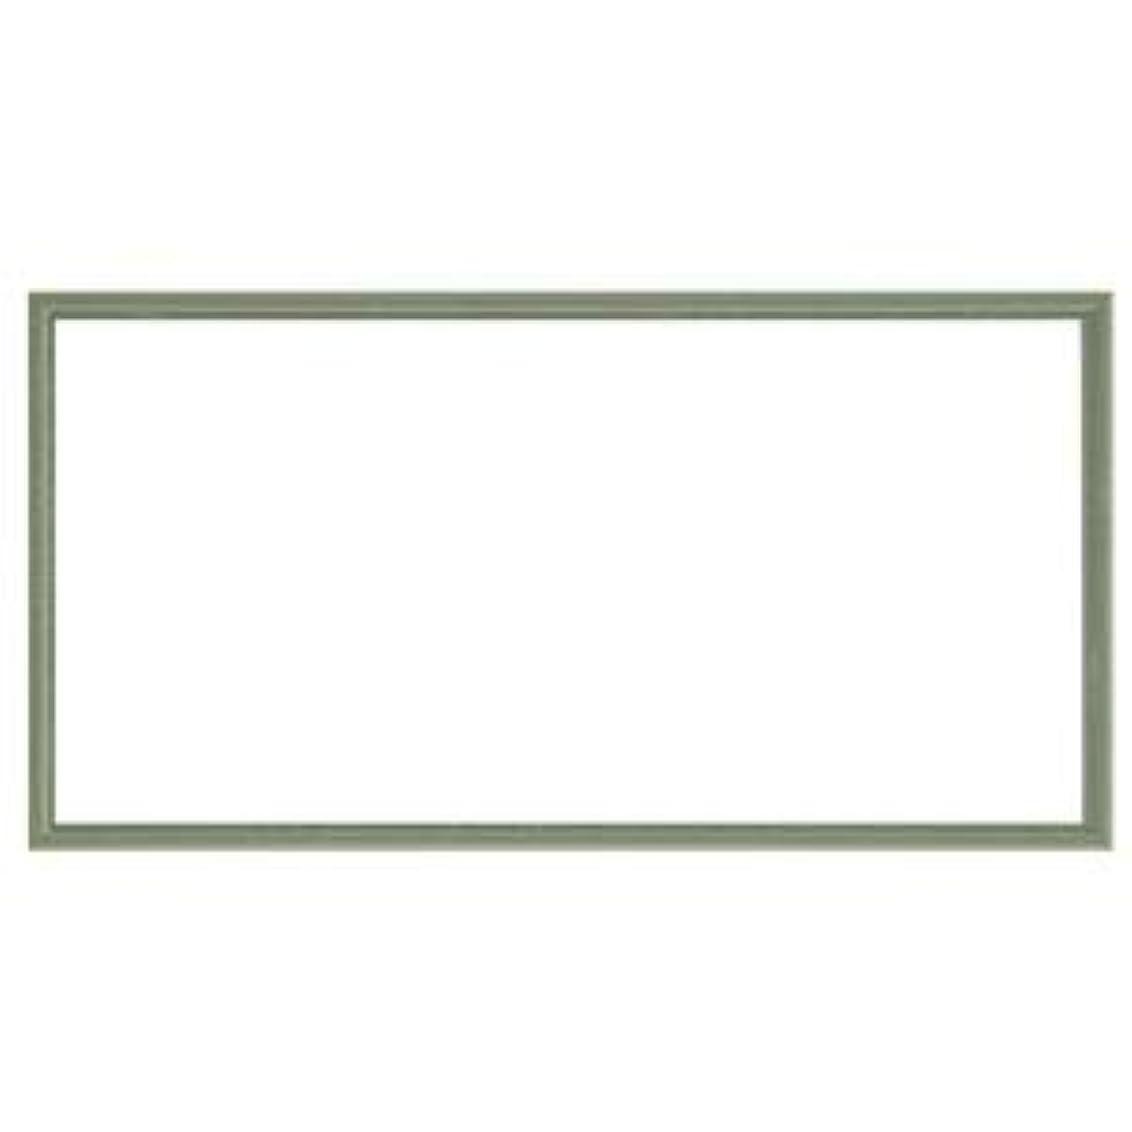 作り温度計鷹ナチュラル仕様 額縁/フレーム 【横長型 600×300 グリーン】 吊金具付き 木製